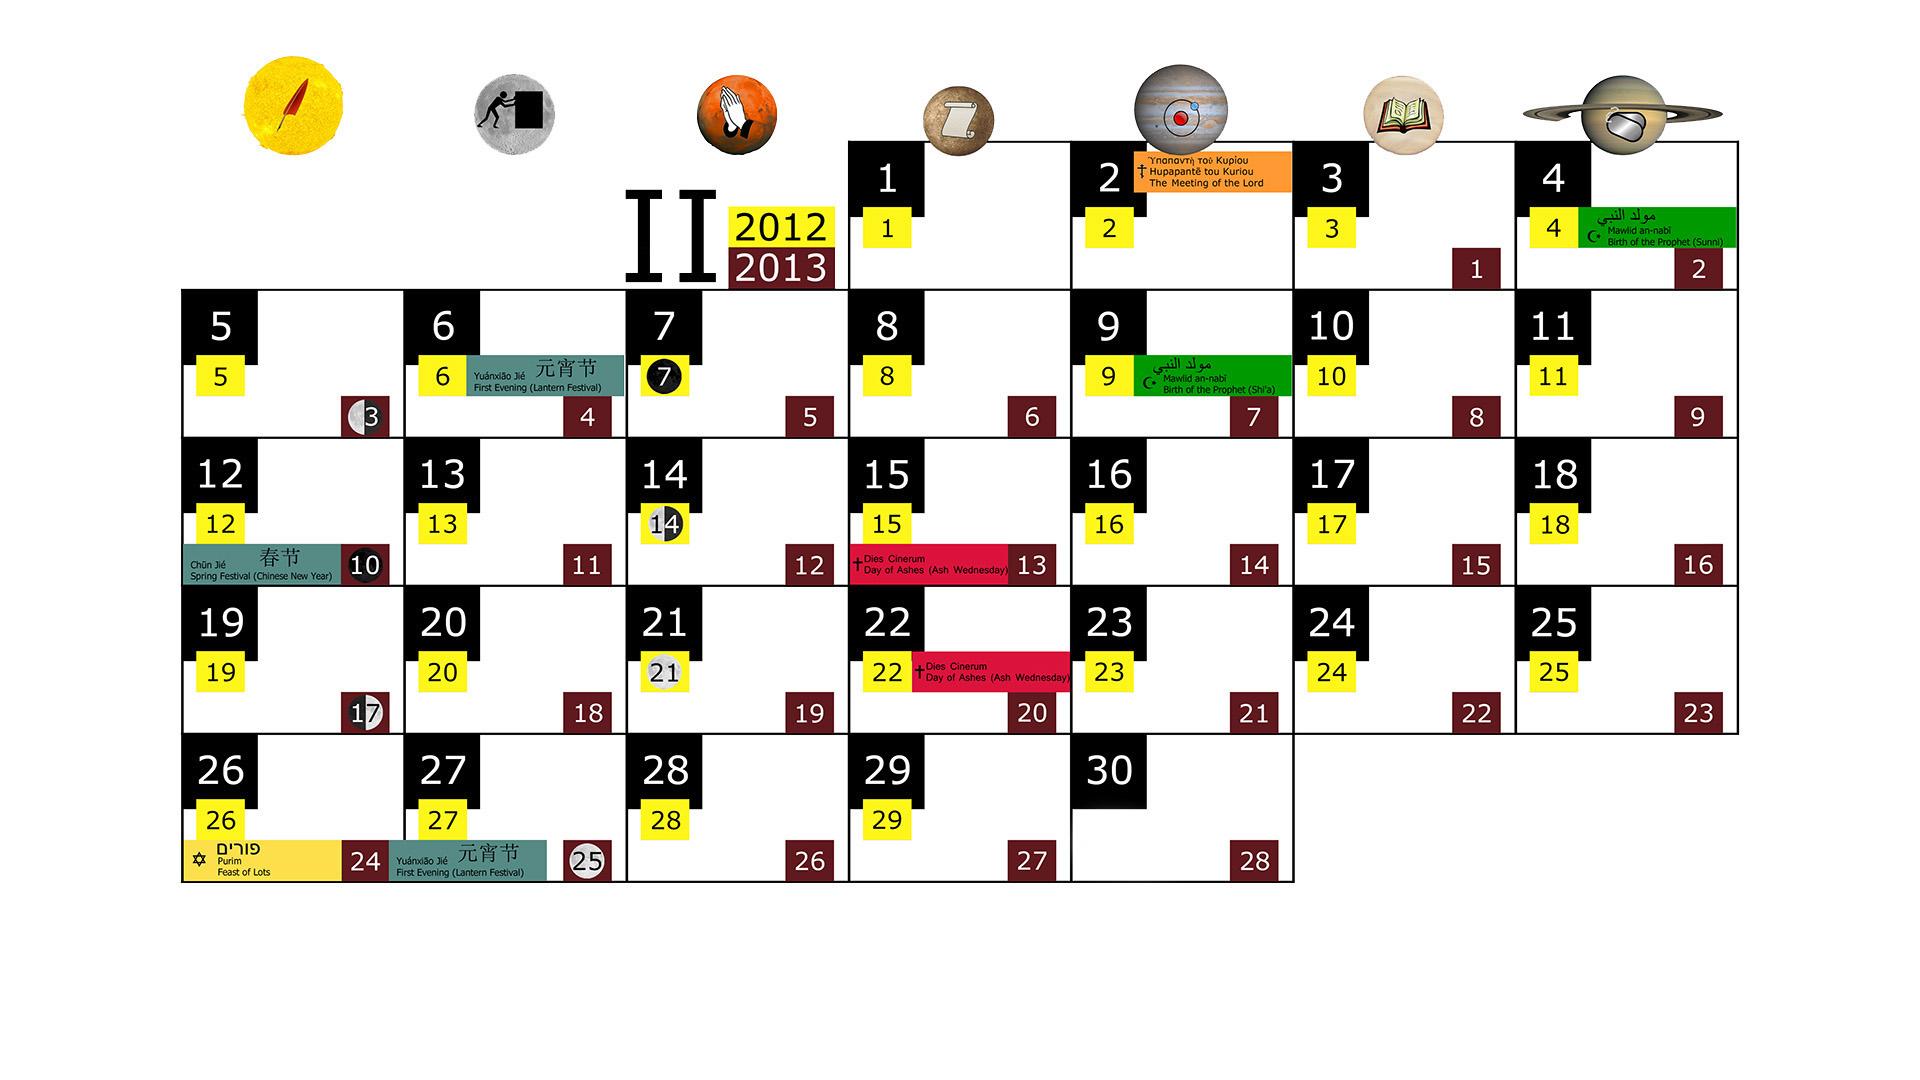 Miesięczny kalendarz świąt na luty 2012 and 2013 na białym tle